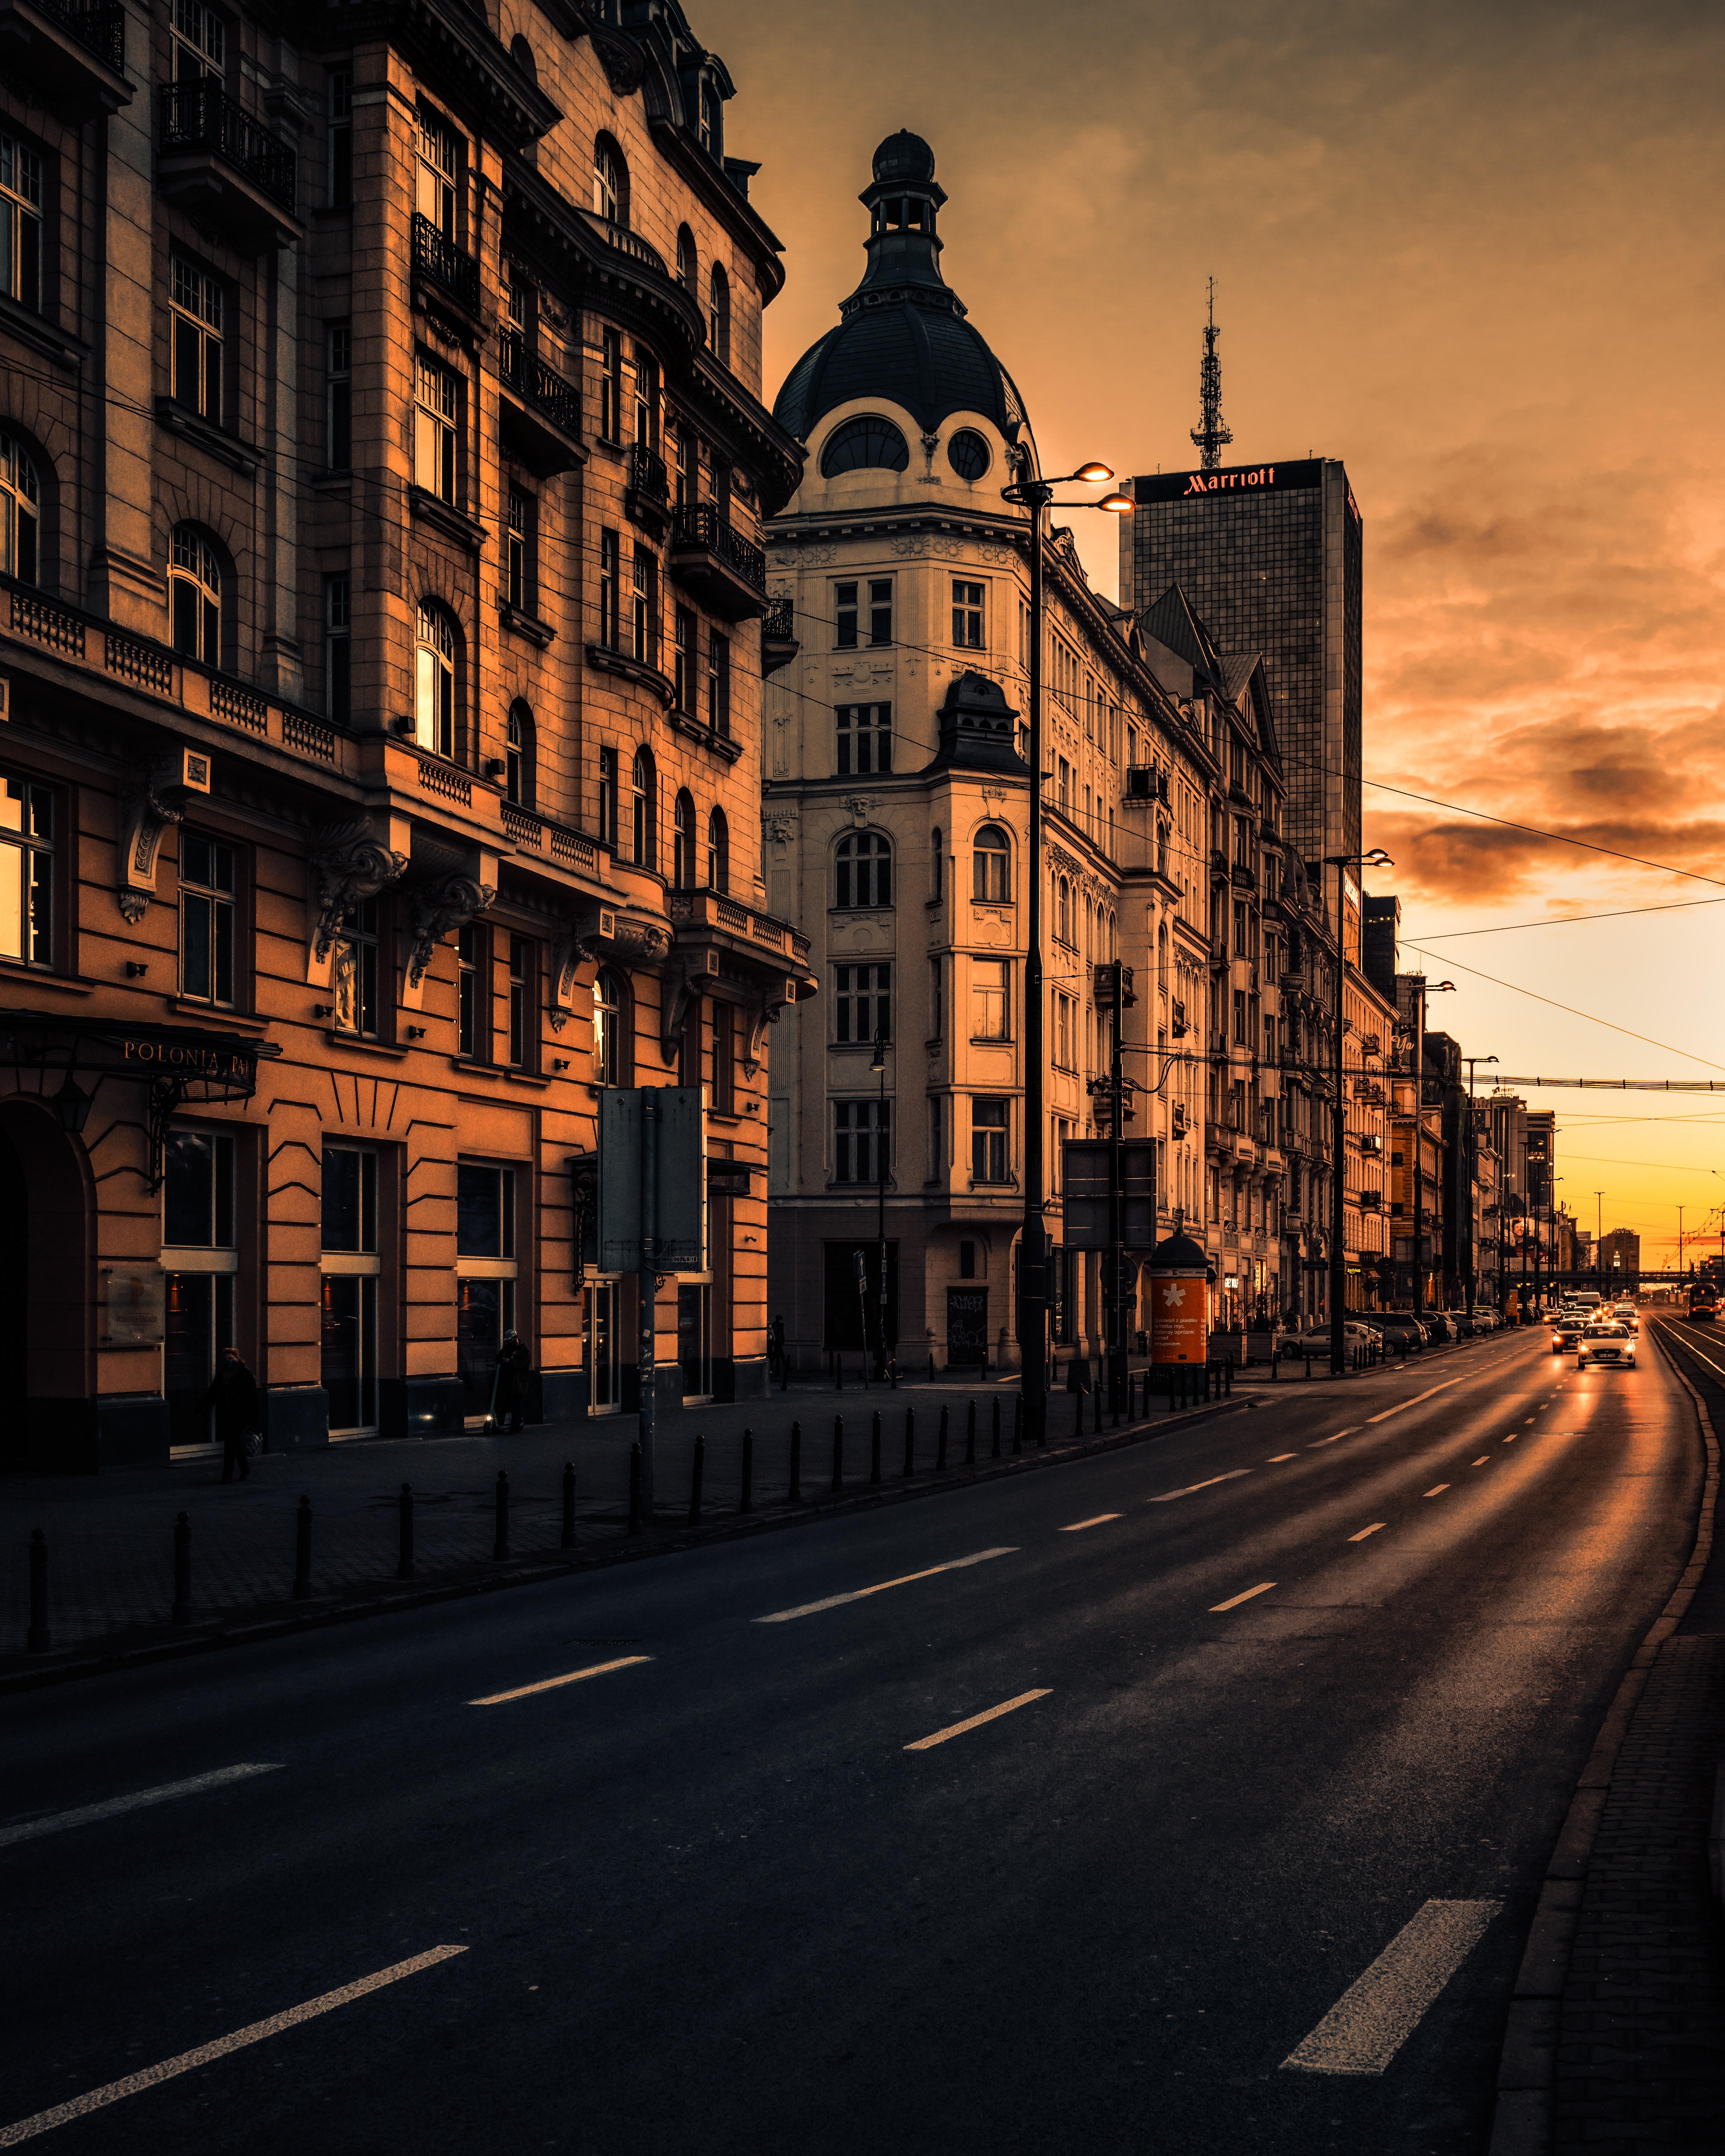 77816壁紙のダウンロード市, 都市, 建物, 道路, 道, 車, 日没, アーキテクチャ-スクリーンセーバーと写真を無料で